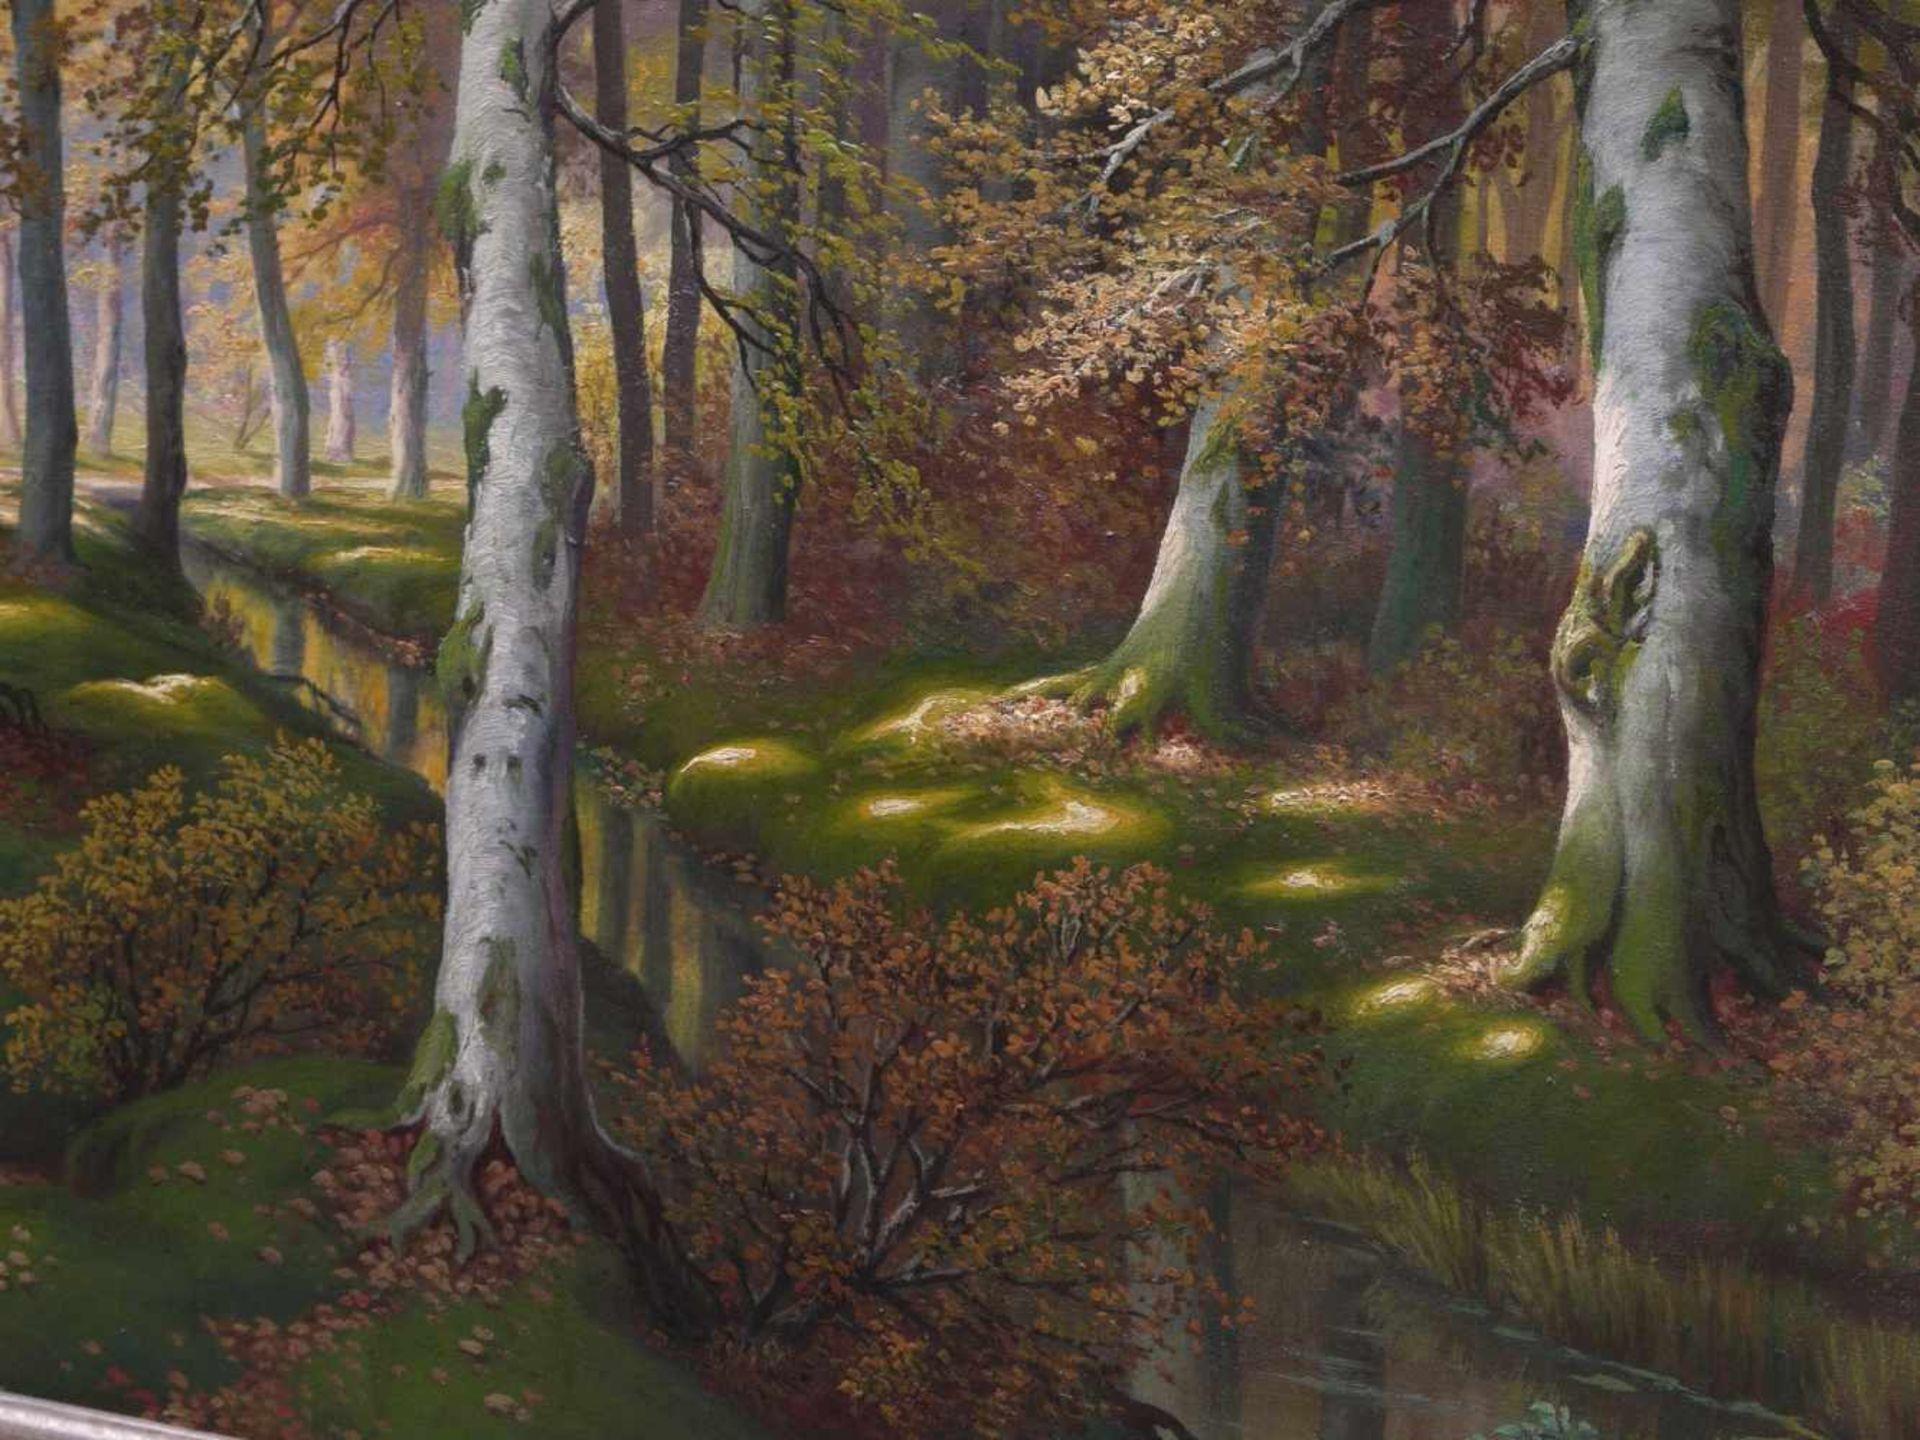 Schmidt, Gustav (1888-1972) - Lichter LaubwaldEin von hellem Licht durchfluteter Laubwald in - Bild 4 aus 7